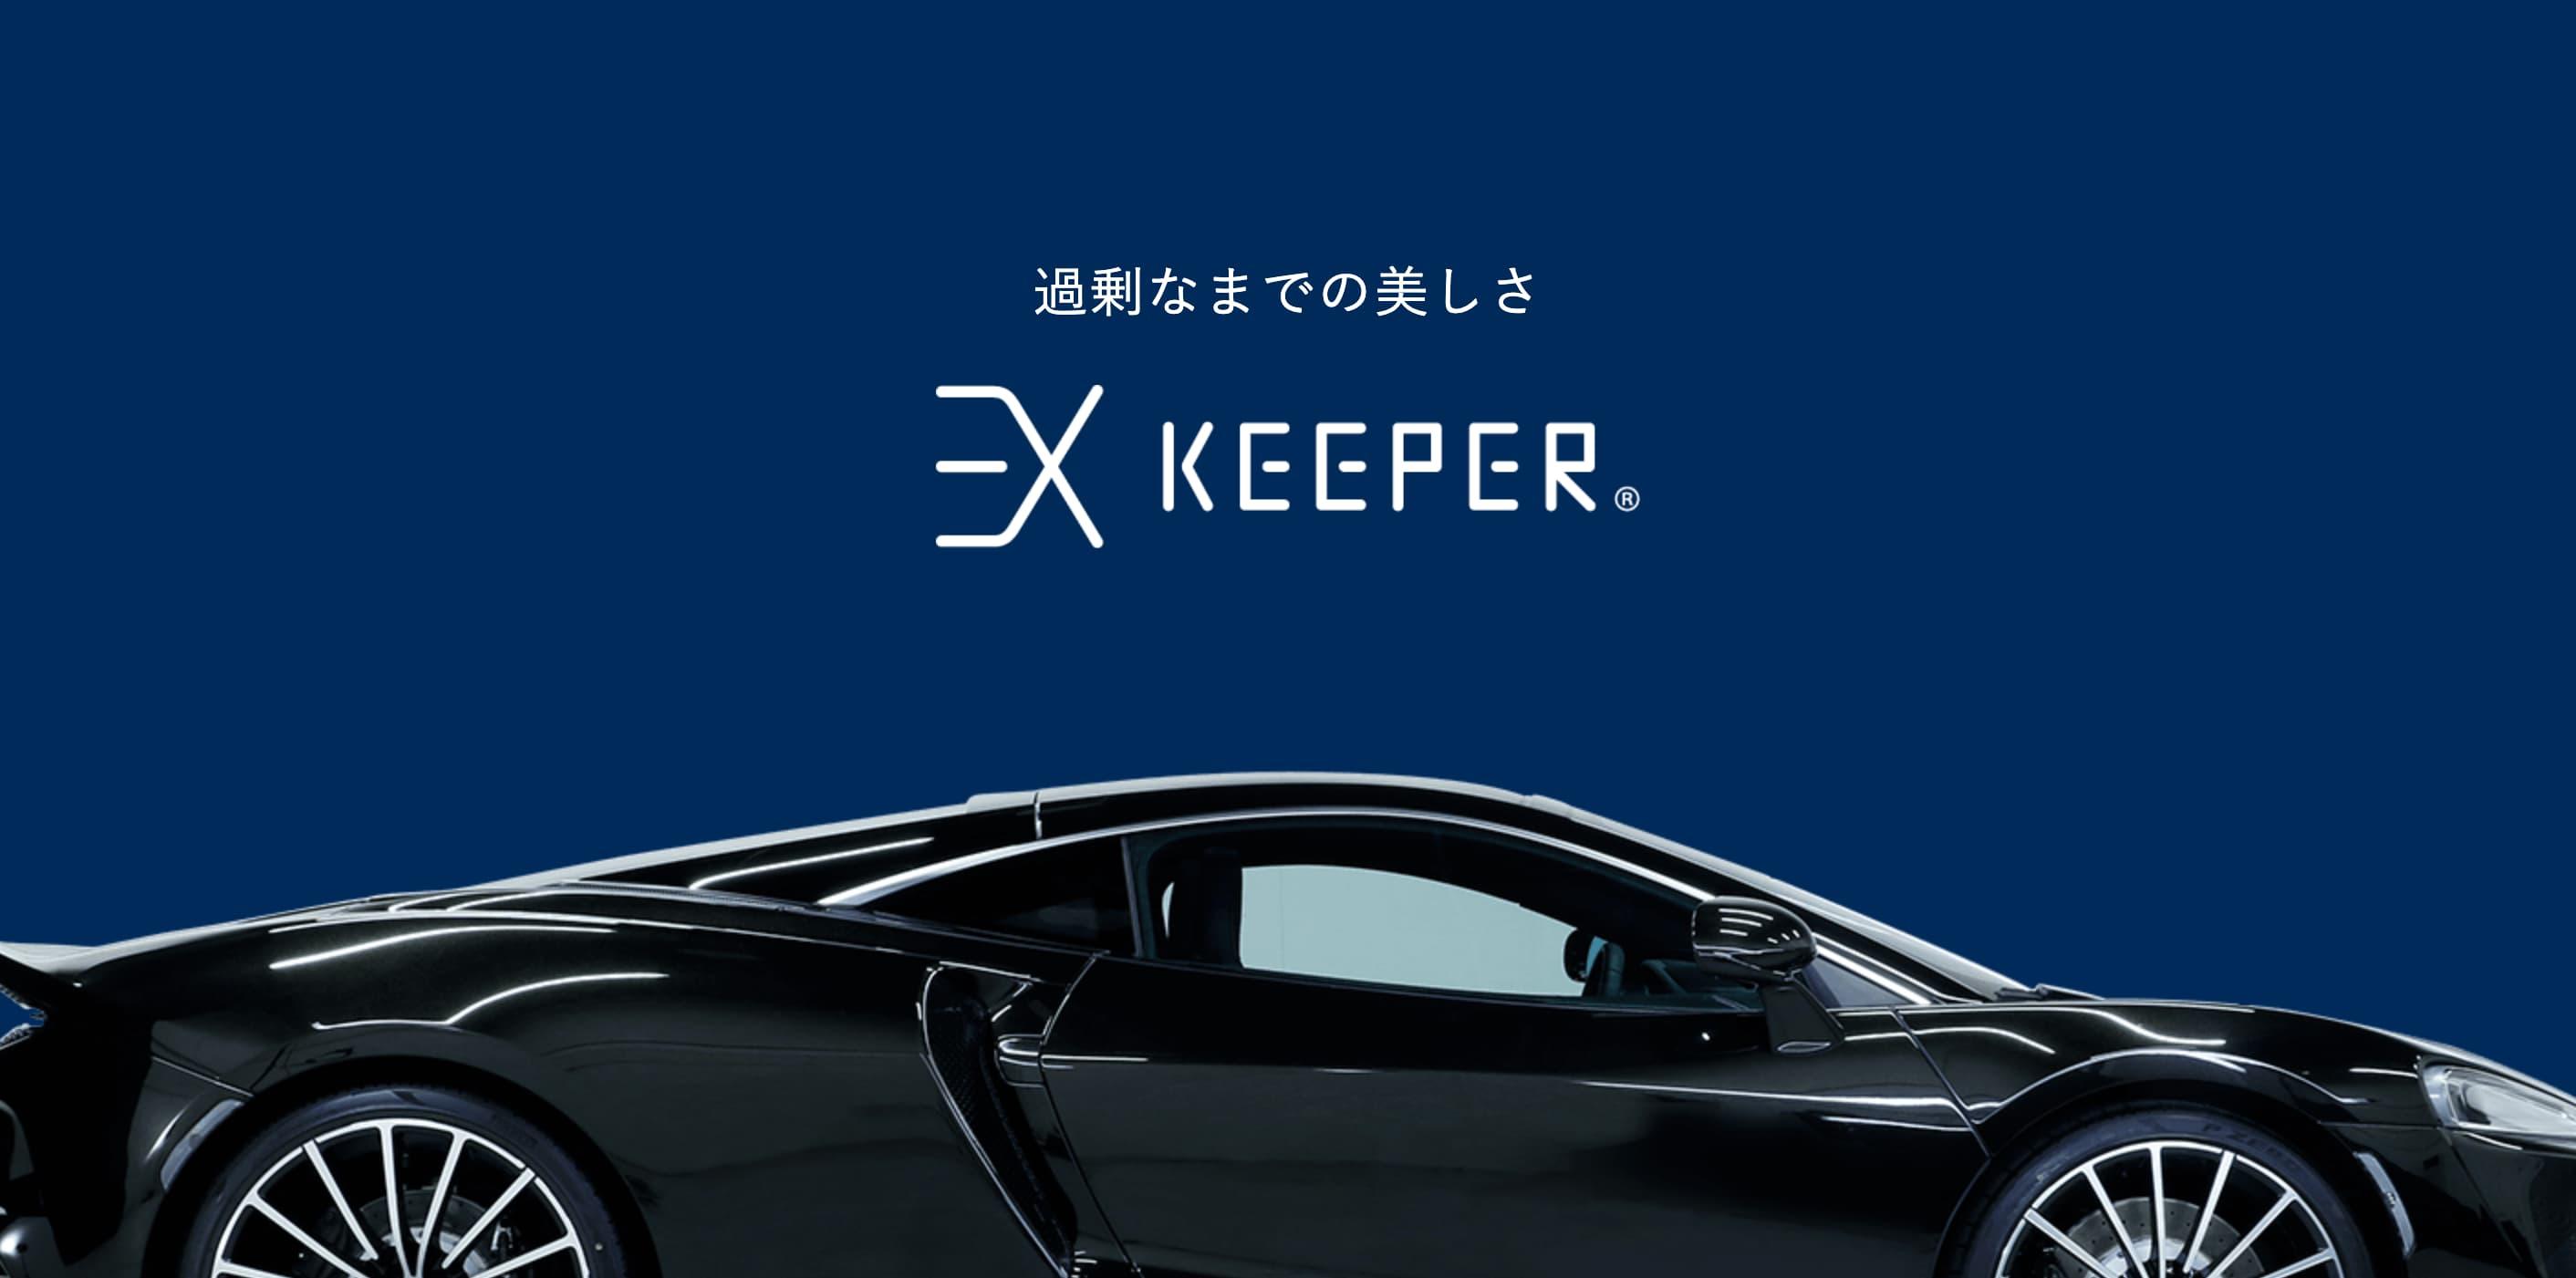 EX キーパー